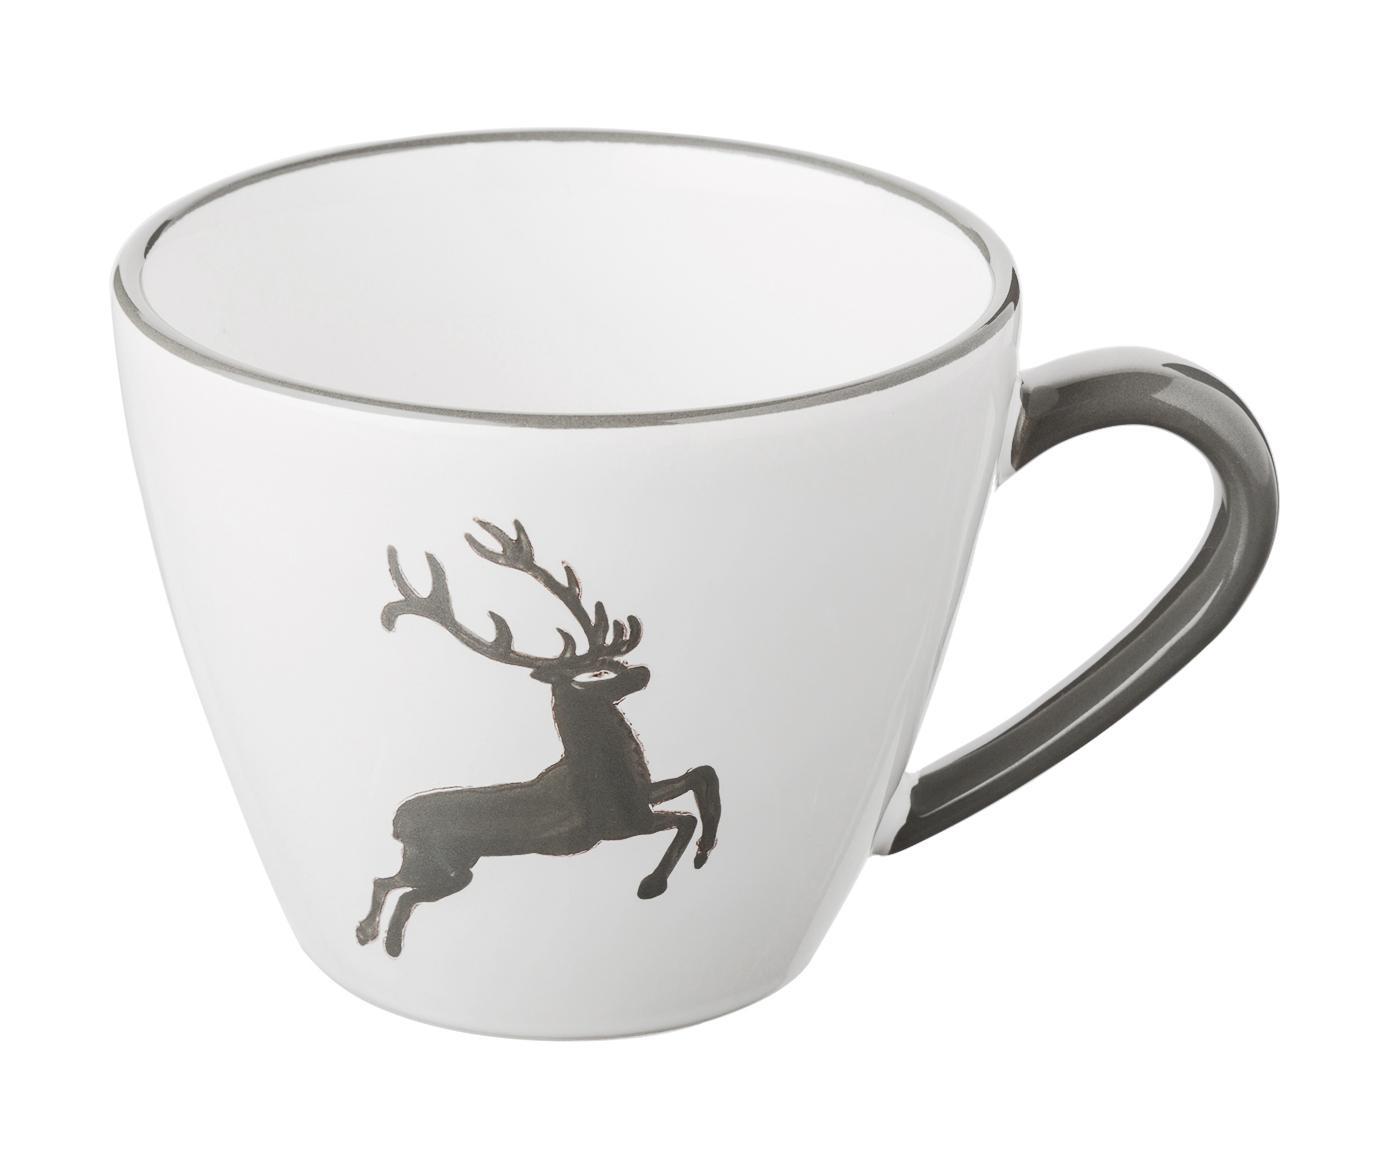 Tazza per il tè Gourmet Grauer Hirsch, Ceramica, Grigio, bianco, 200 ml